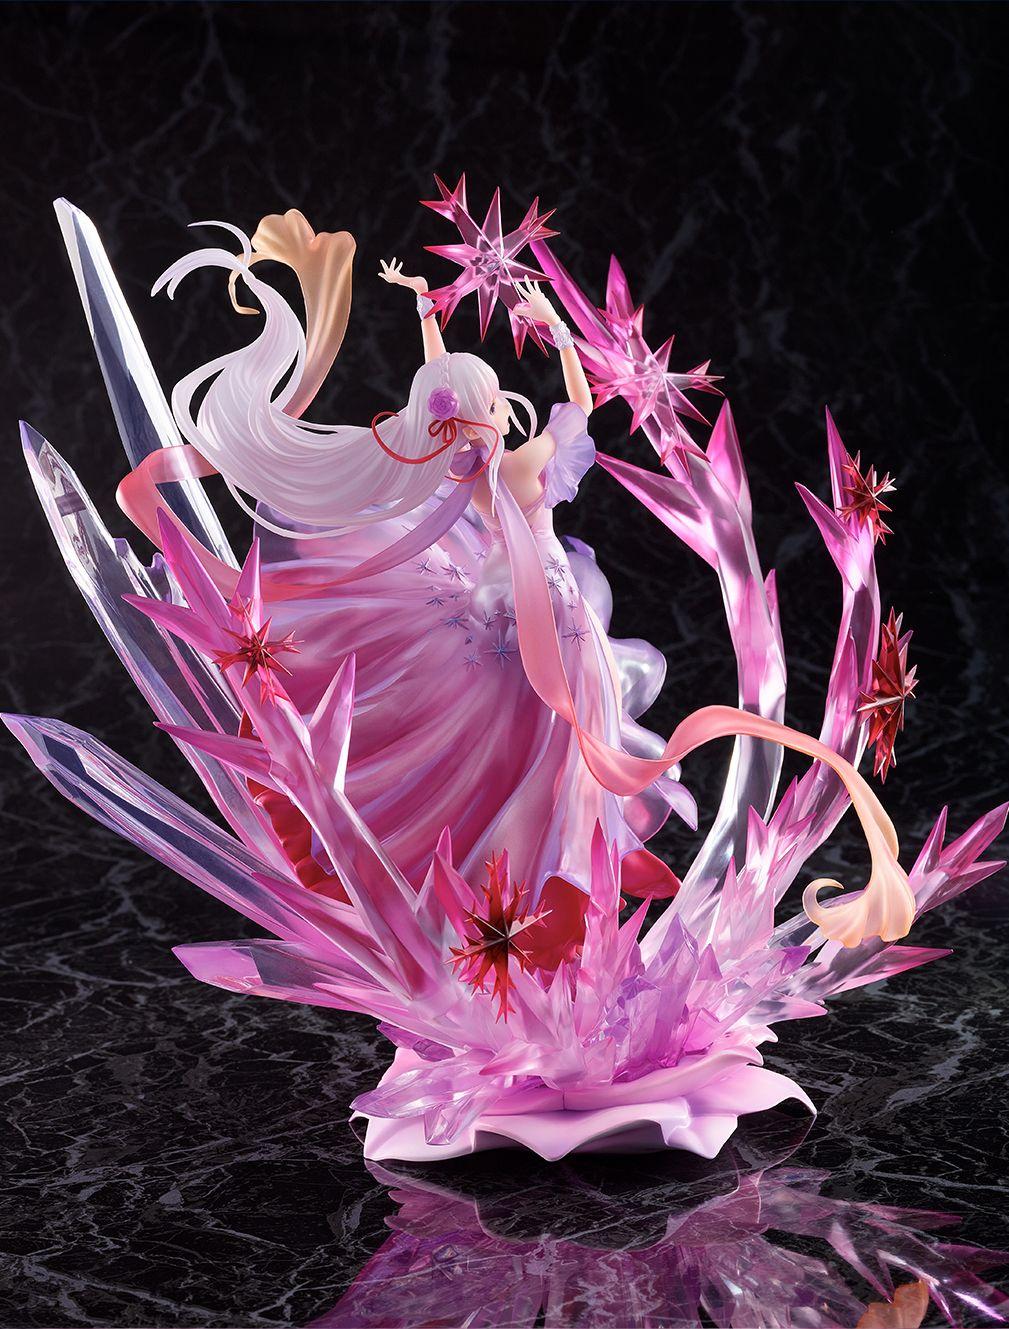 【限定販売】Re:ゼロから始める異世界生活『氷結のエミリア -Crystal Dress Ver-』 1/7 完成品フィギュア-010